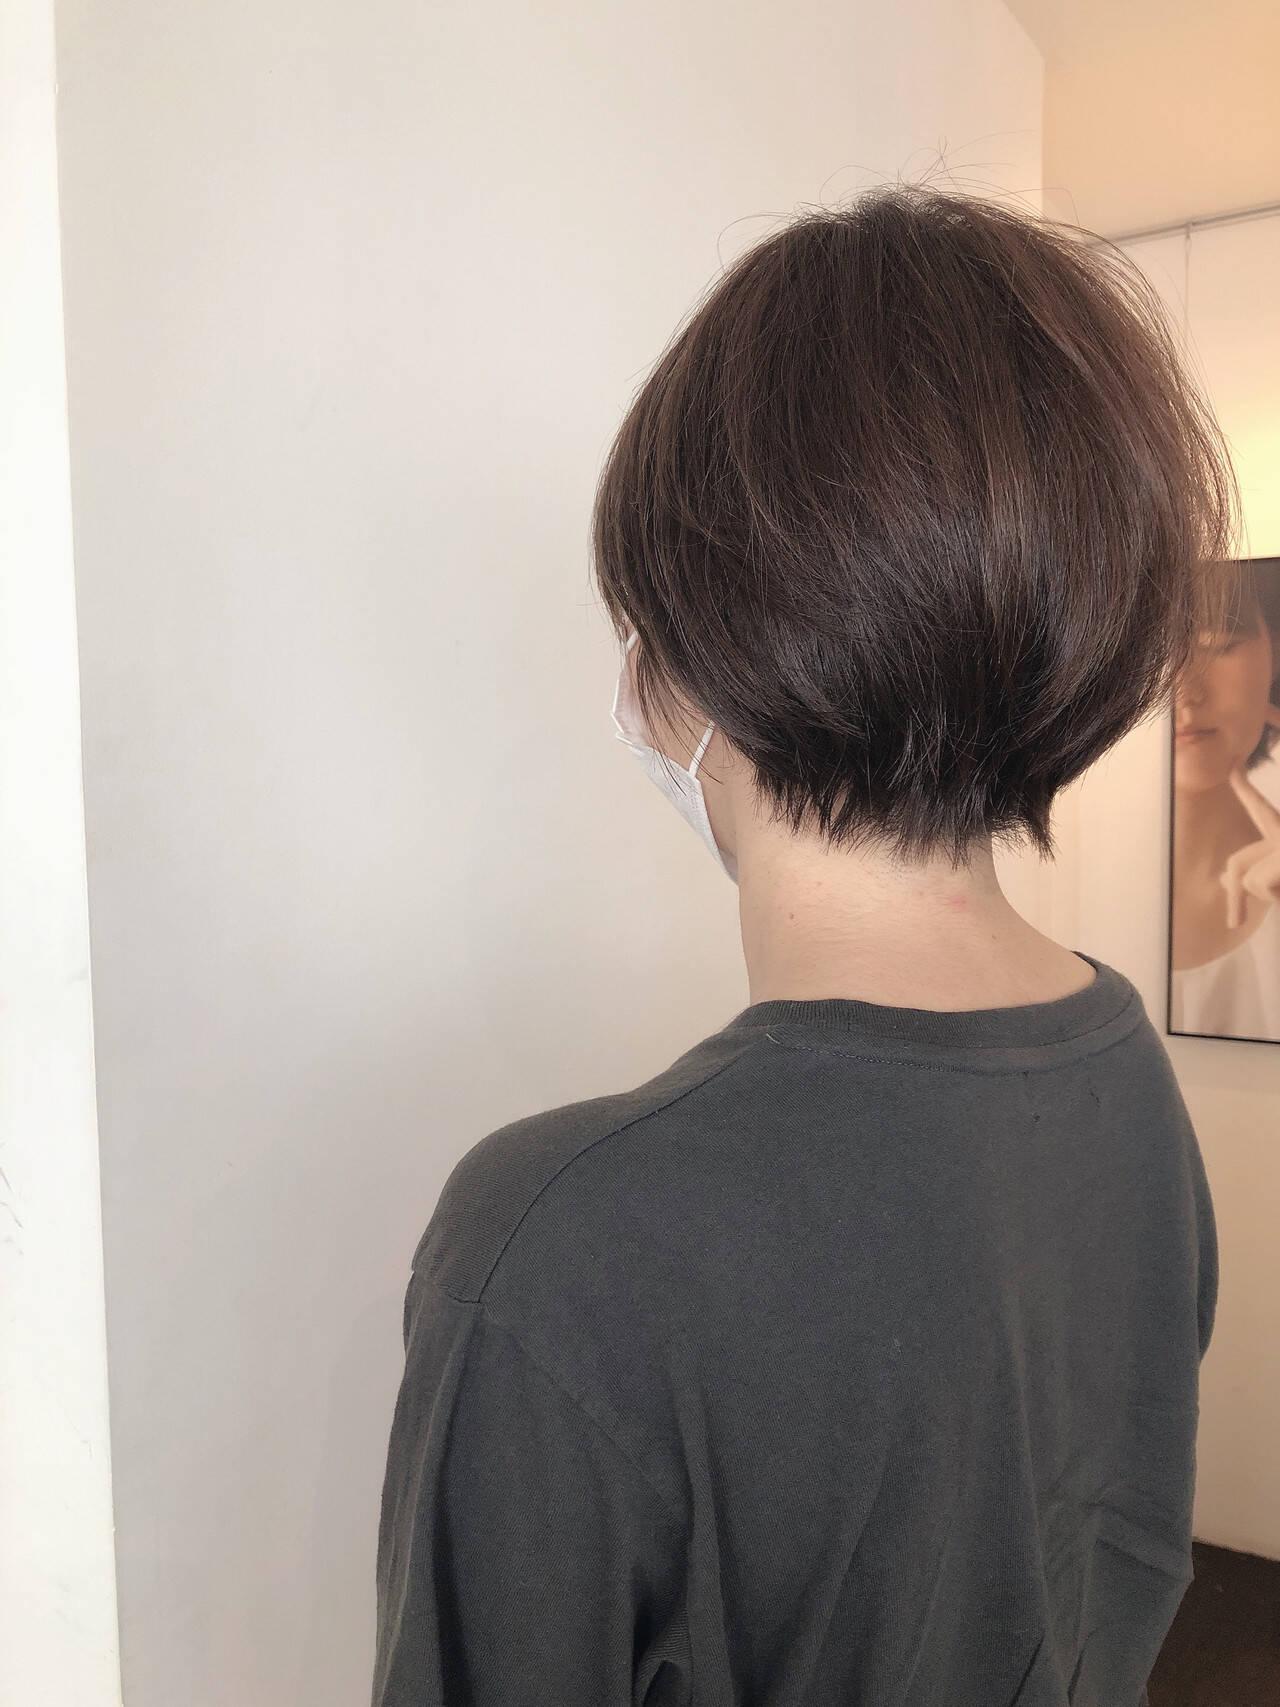 ショートヘア 大人ショート ショート 小顔ショートヘアスタイルや髪型の写真・画像